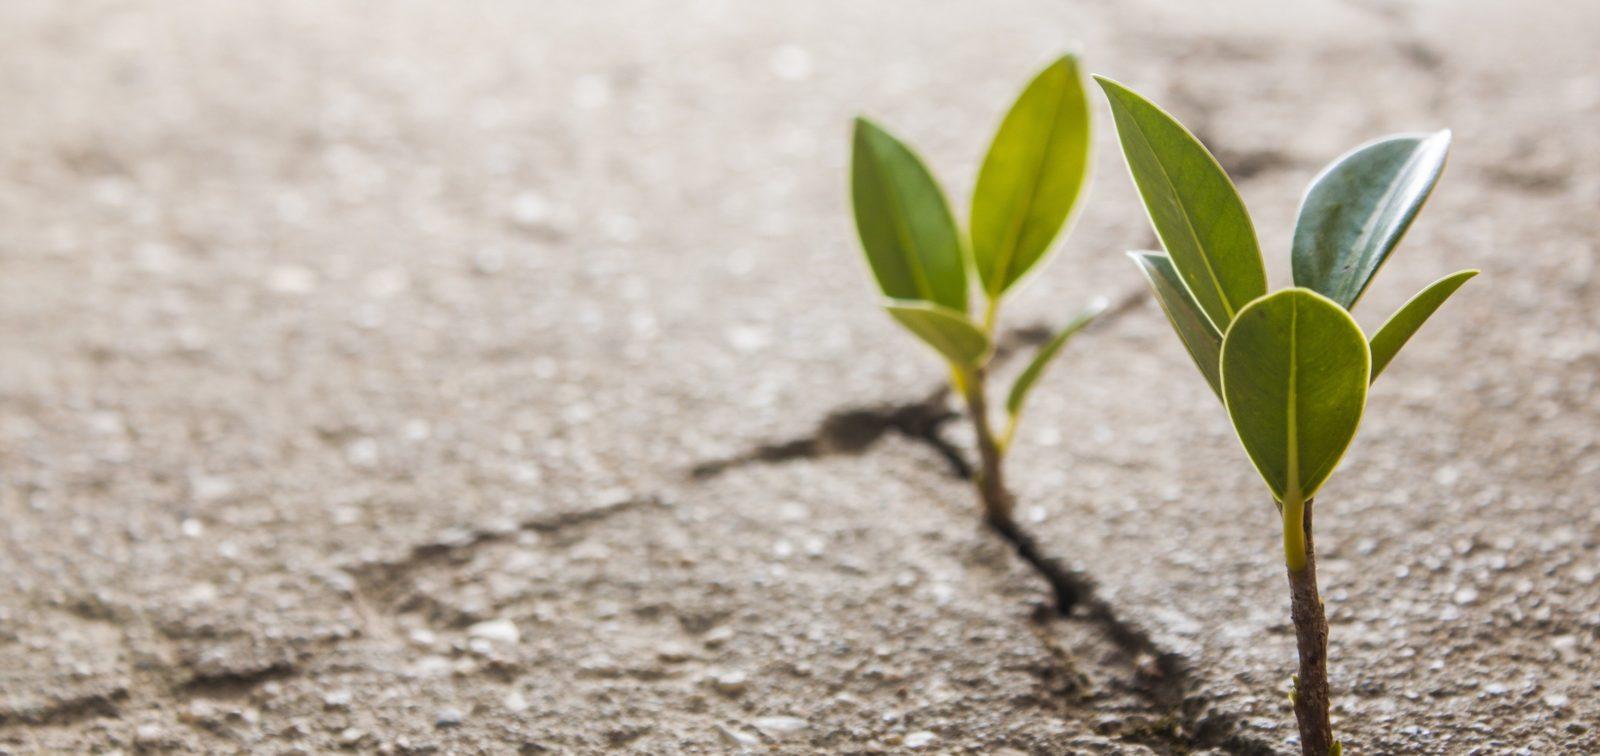 Life-Ministries-Plant-Concrete